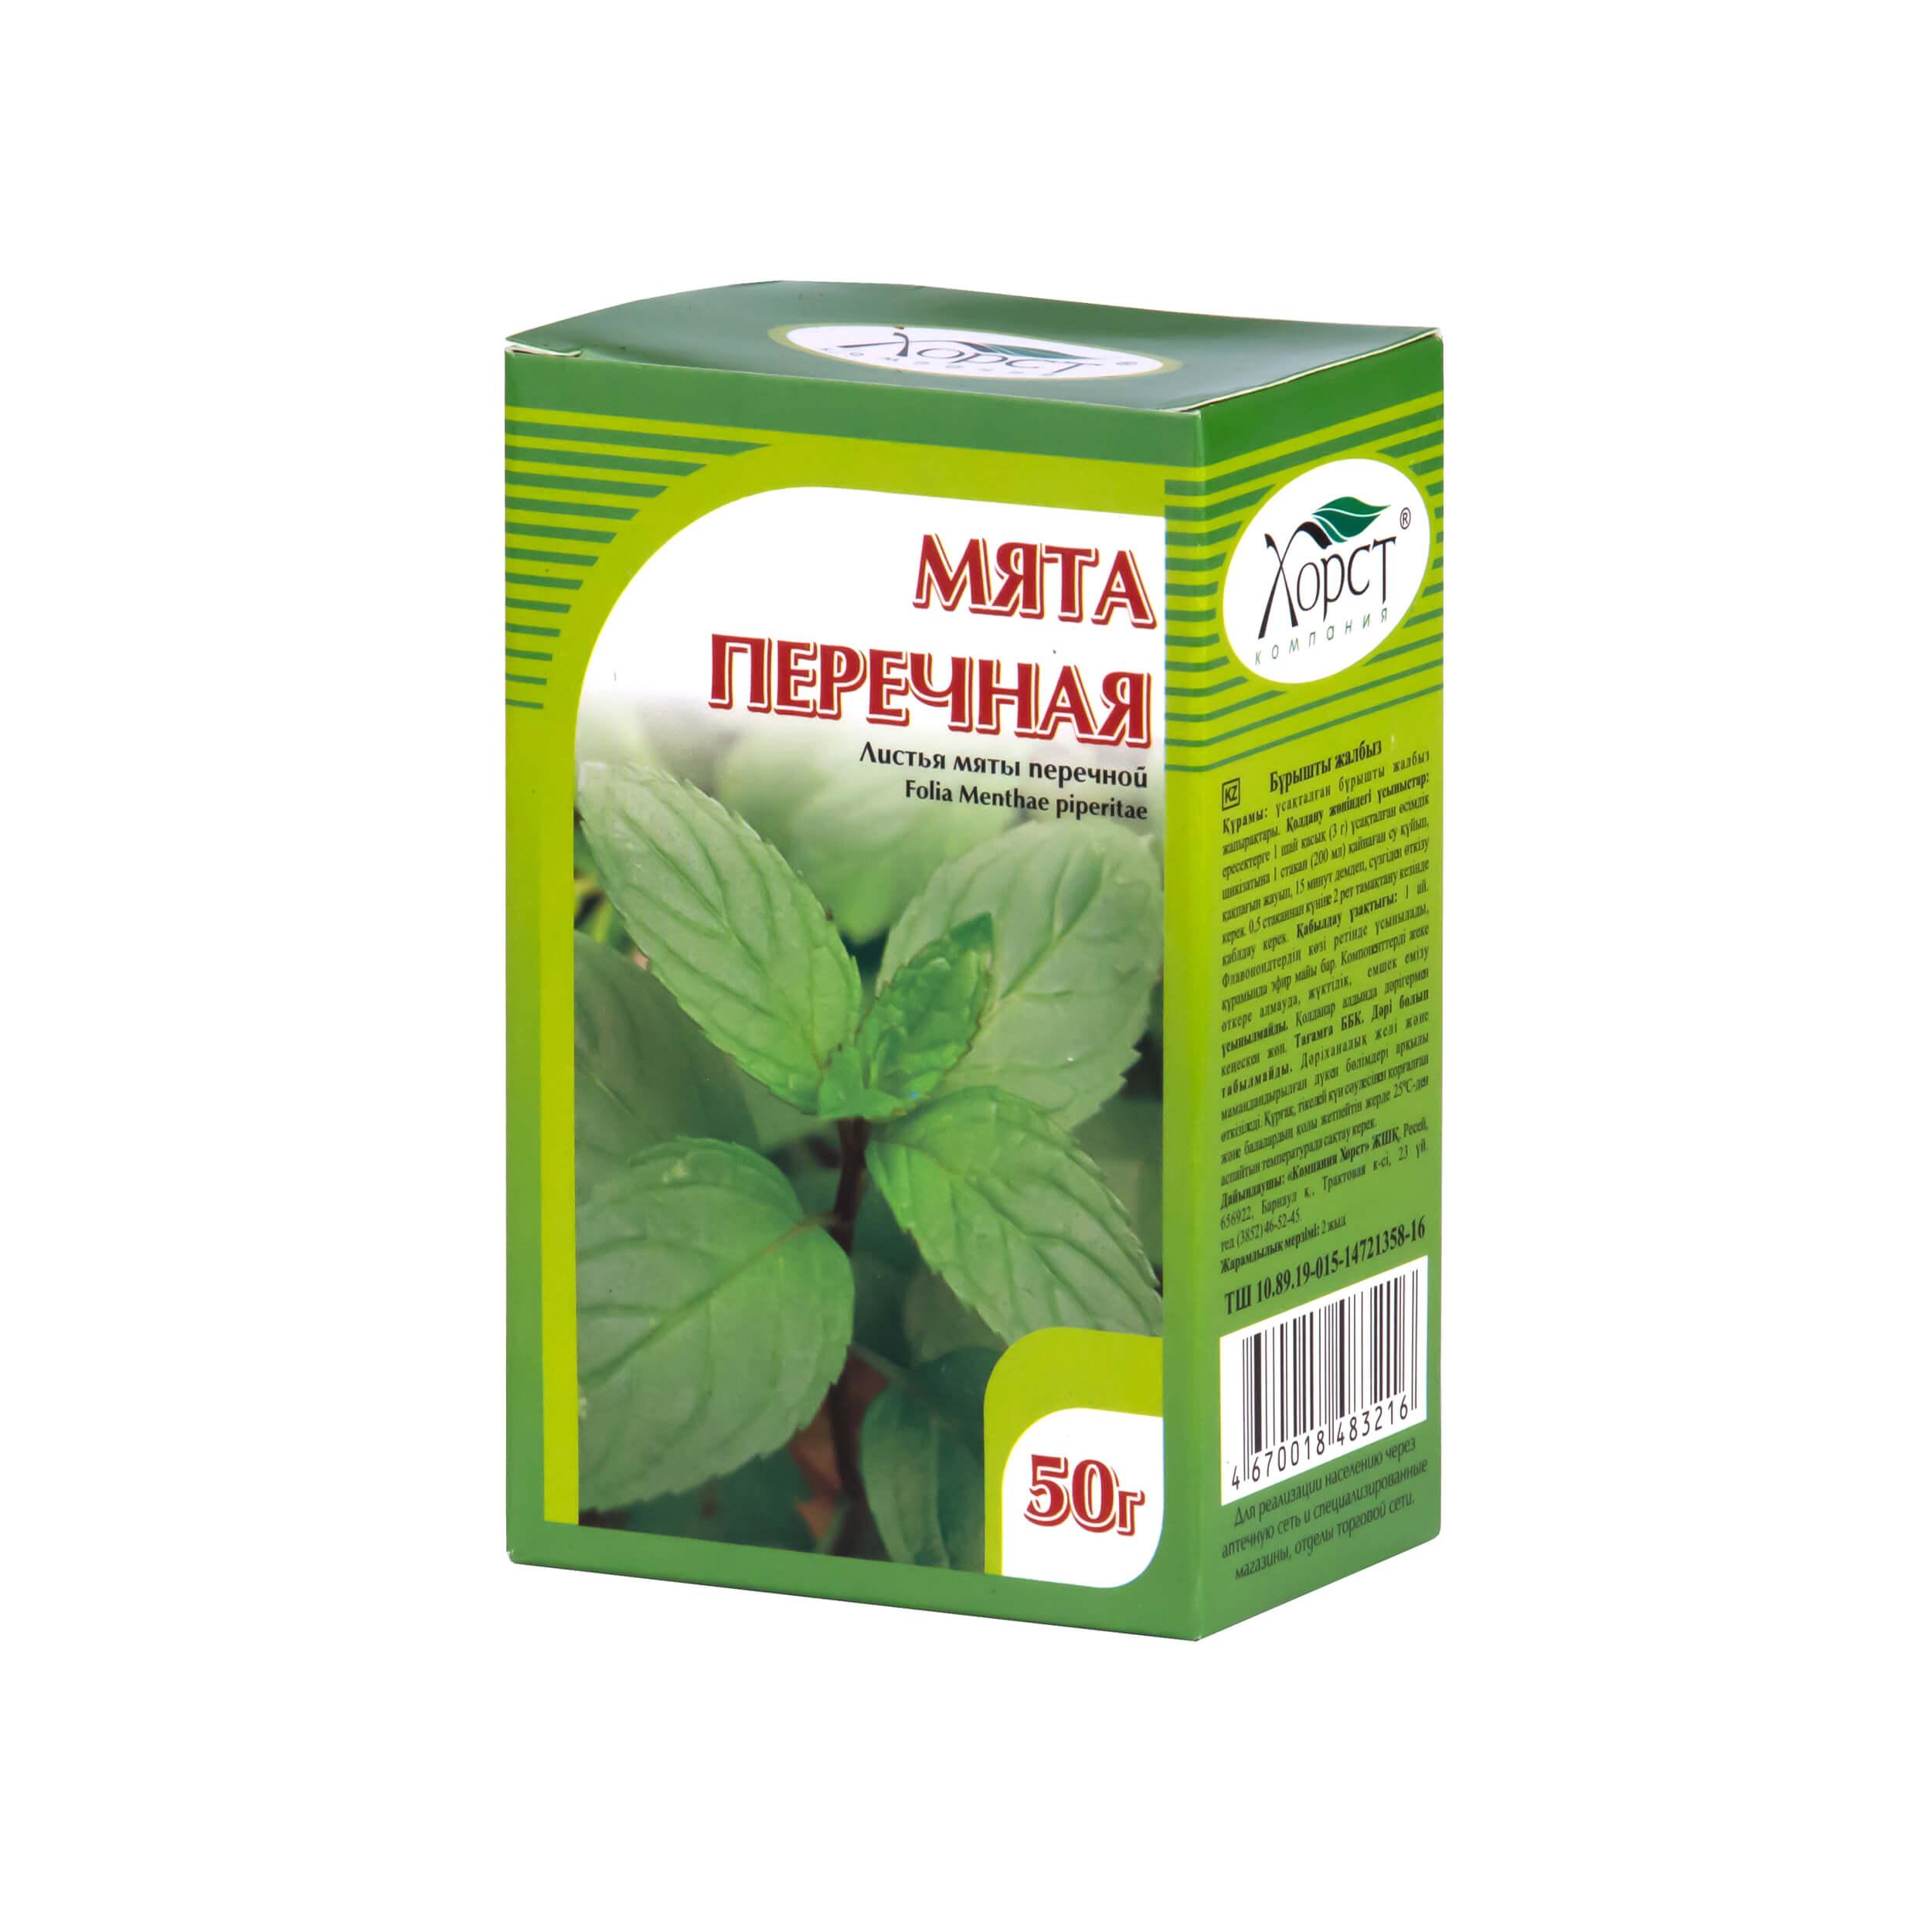 Мята перечная (листья, 50 грамм) фото